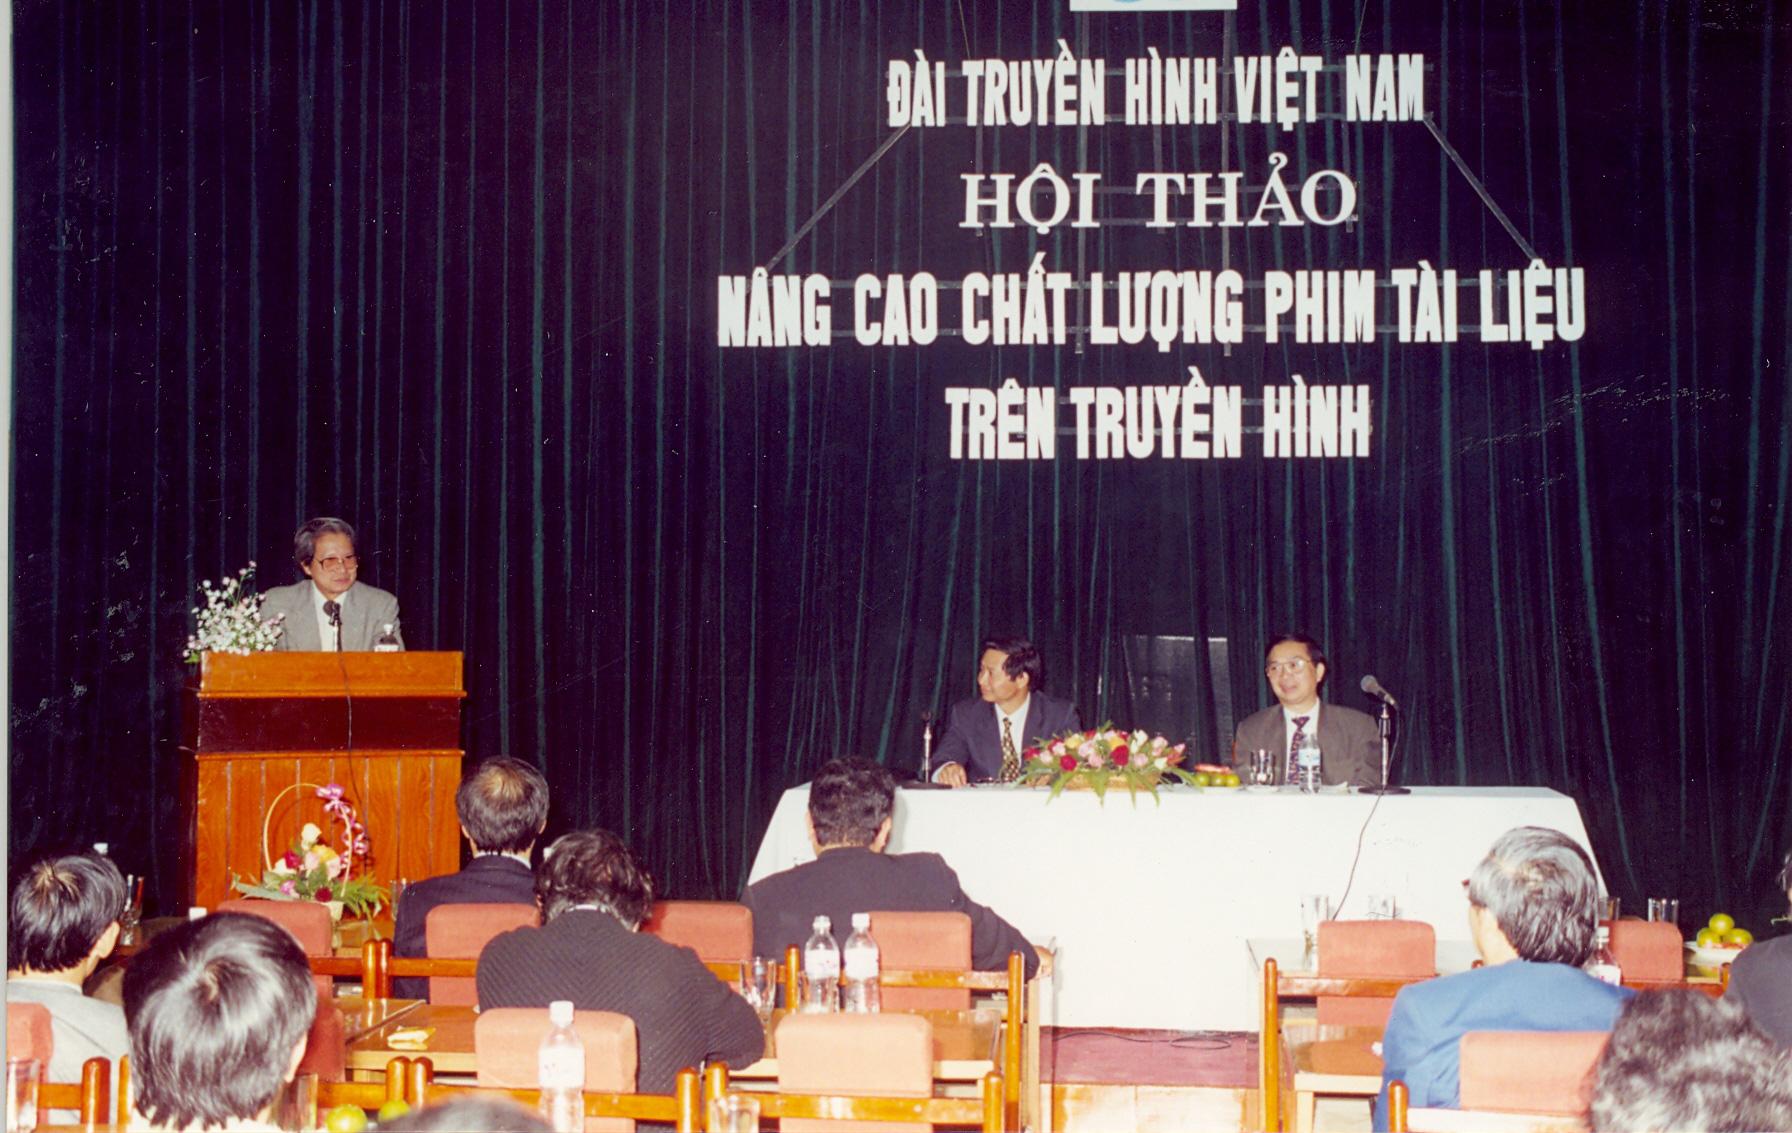 Hội thảo năm 2001